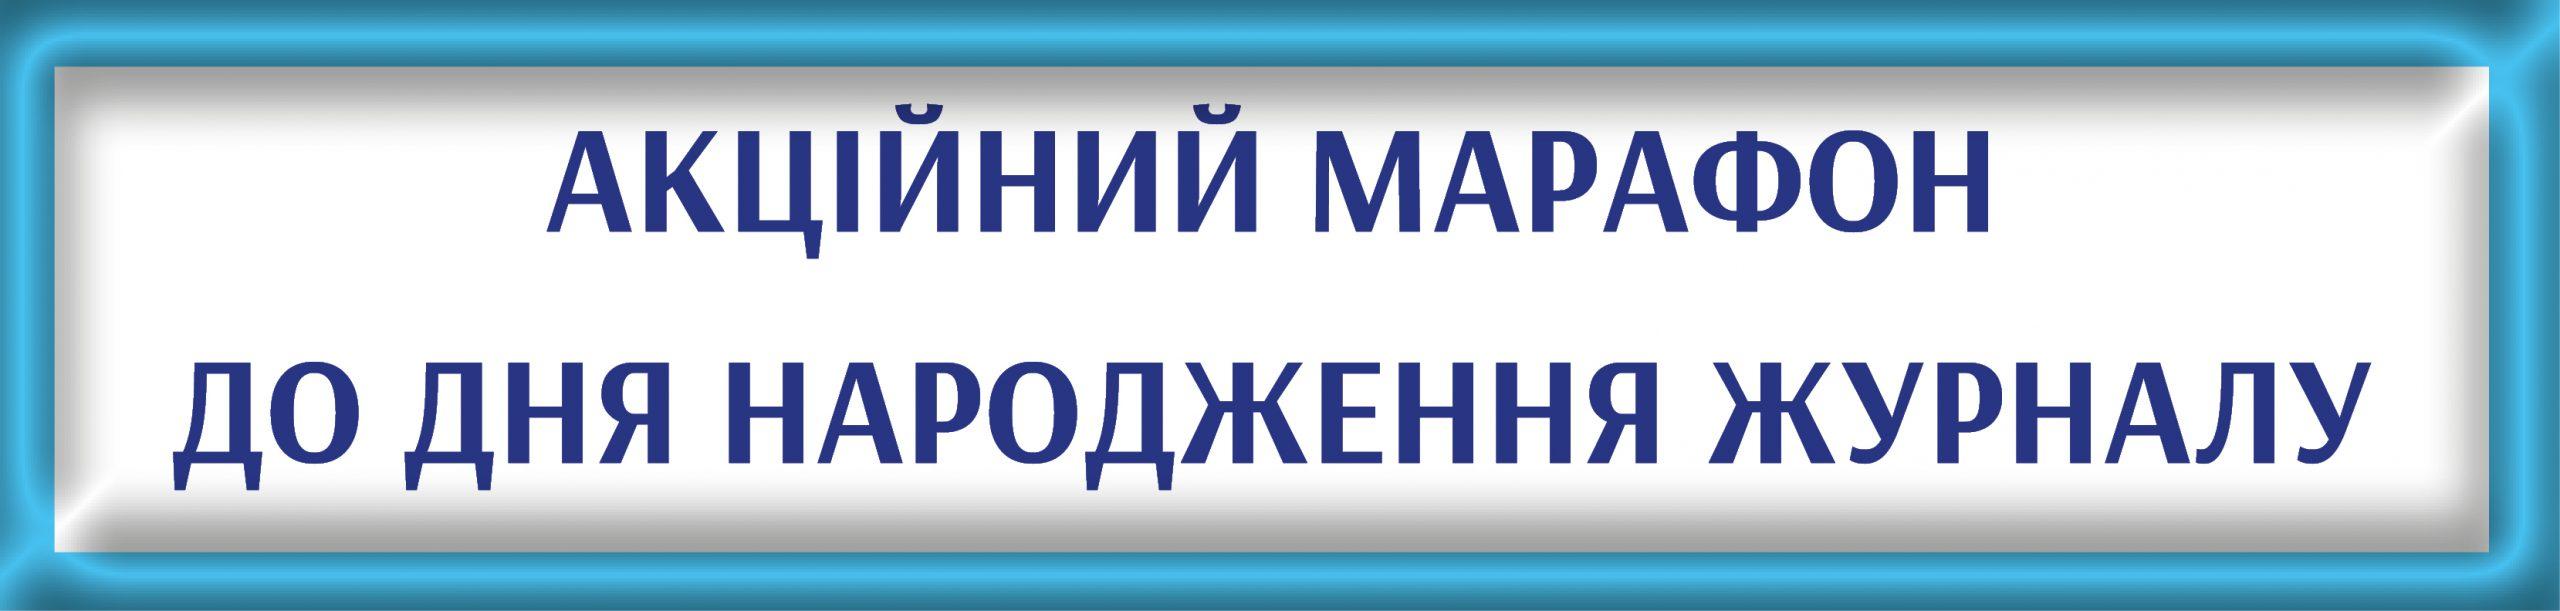 Подарунковий марафон до Дня народження журналу ДИВОСЛОВО